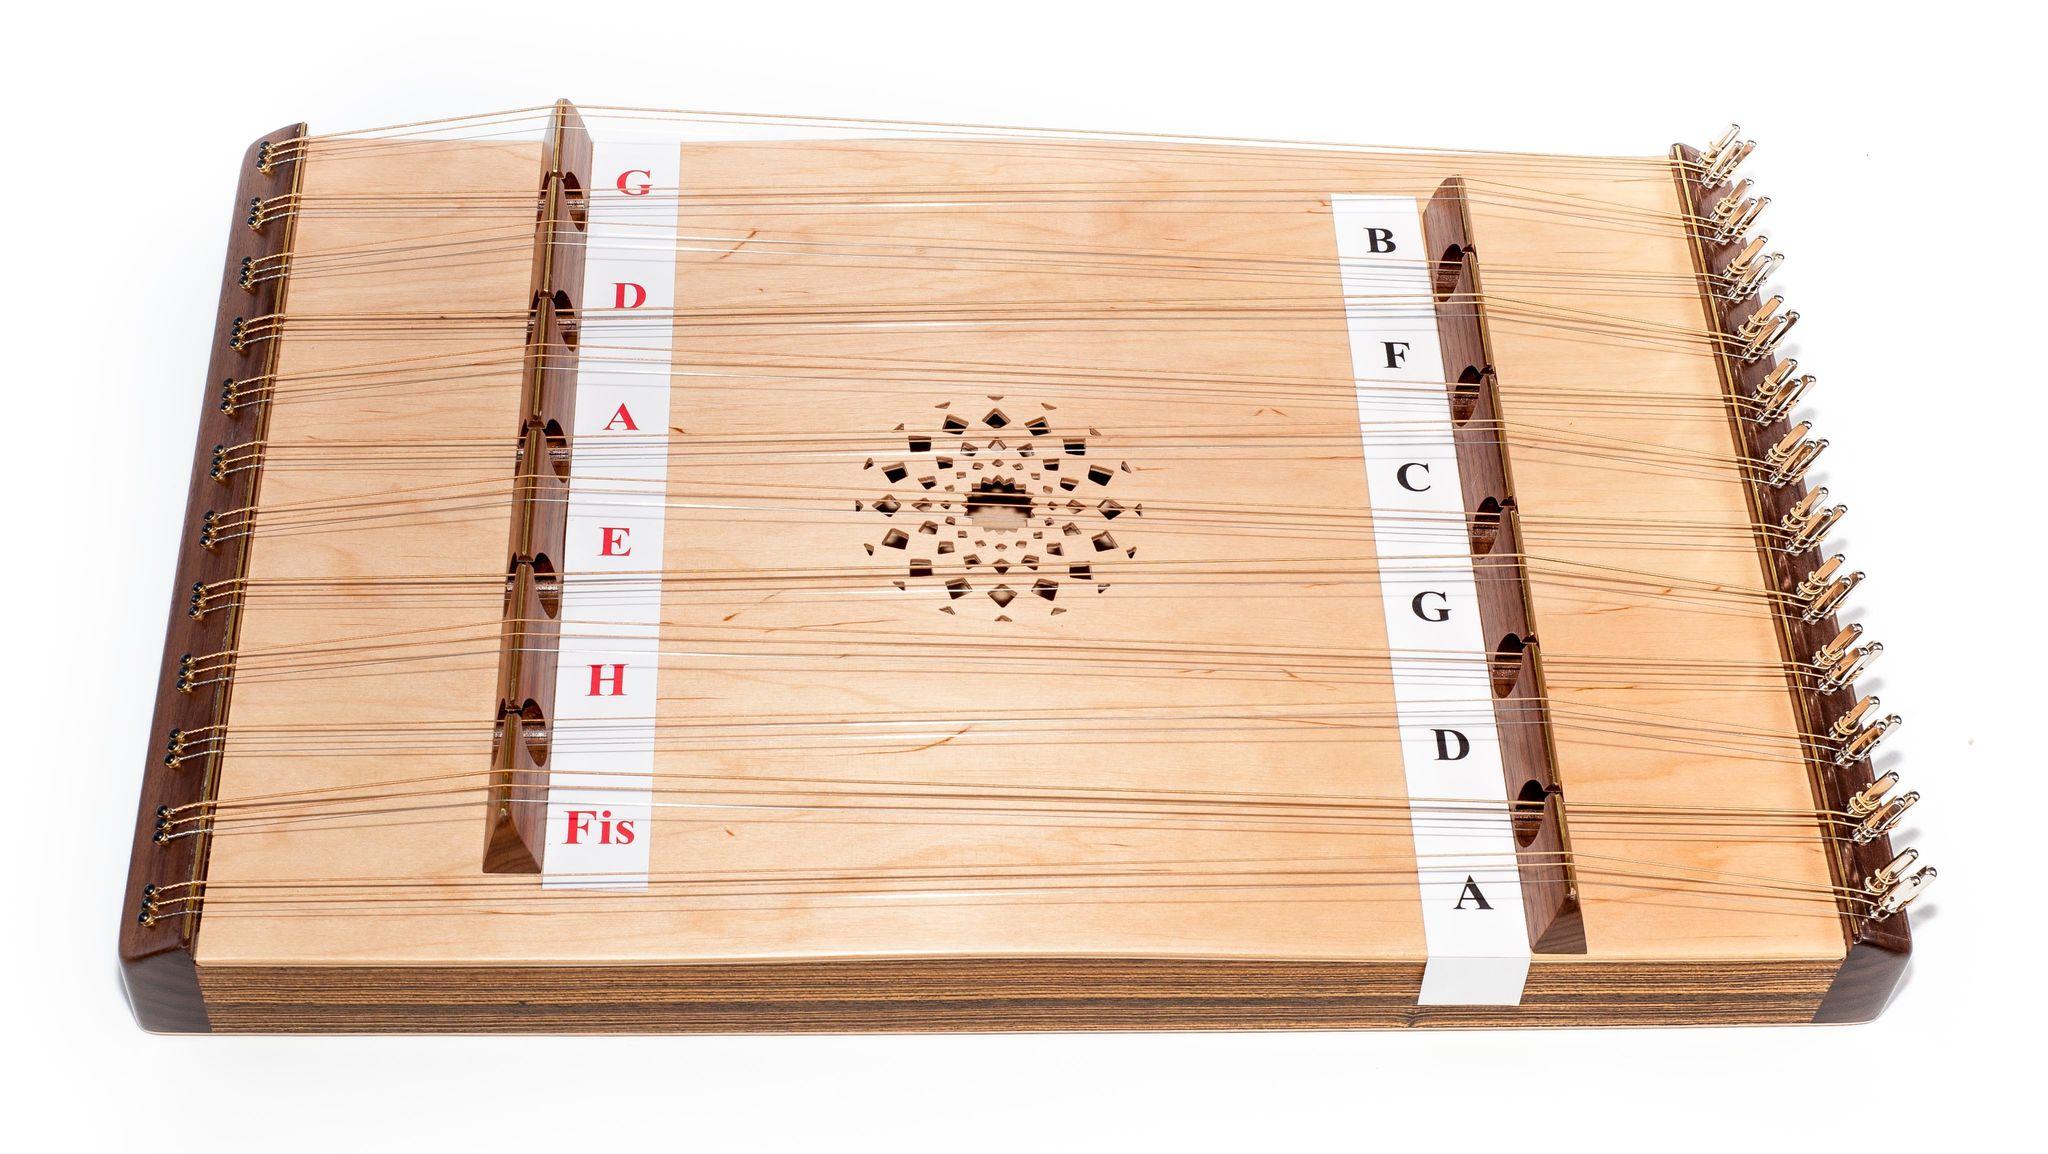 Ein flaches Holzbrett, das von rechts nach links an Metallstiften viele Saiten über zwei Holzstege gespannt hat. An deren Seiten befinden sich links und rechts jeweils verschiedene Notenbezeichnungen. In der Mitte ist ein verziertes Loch im Holz.